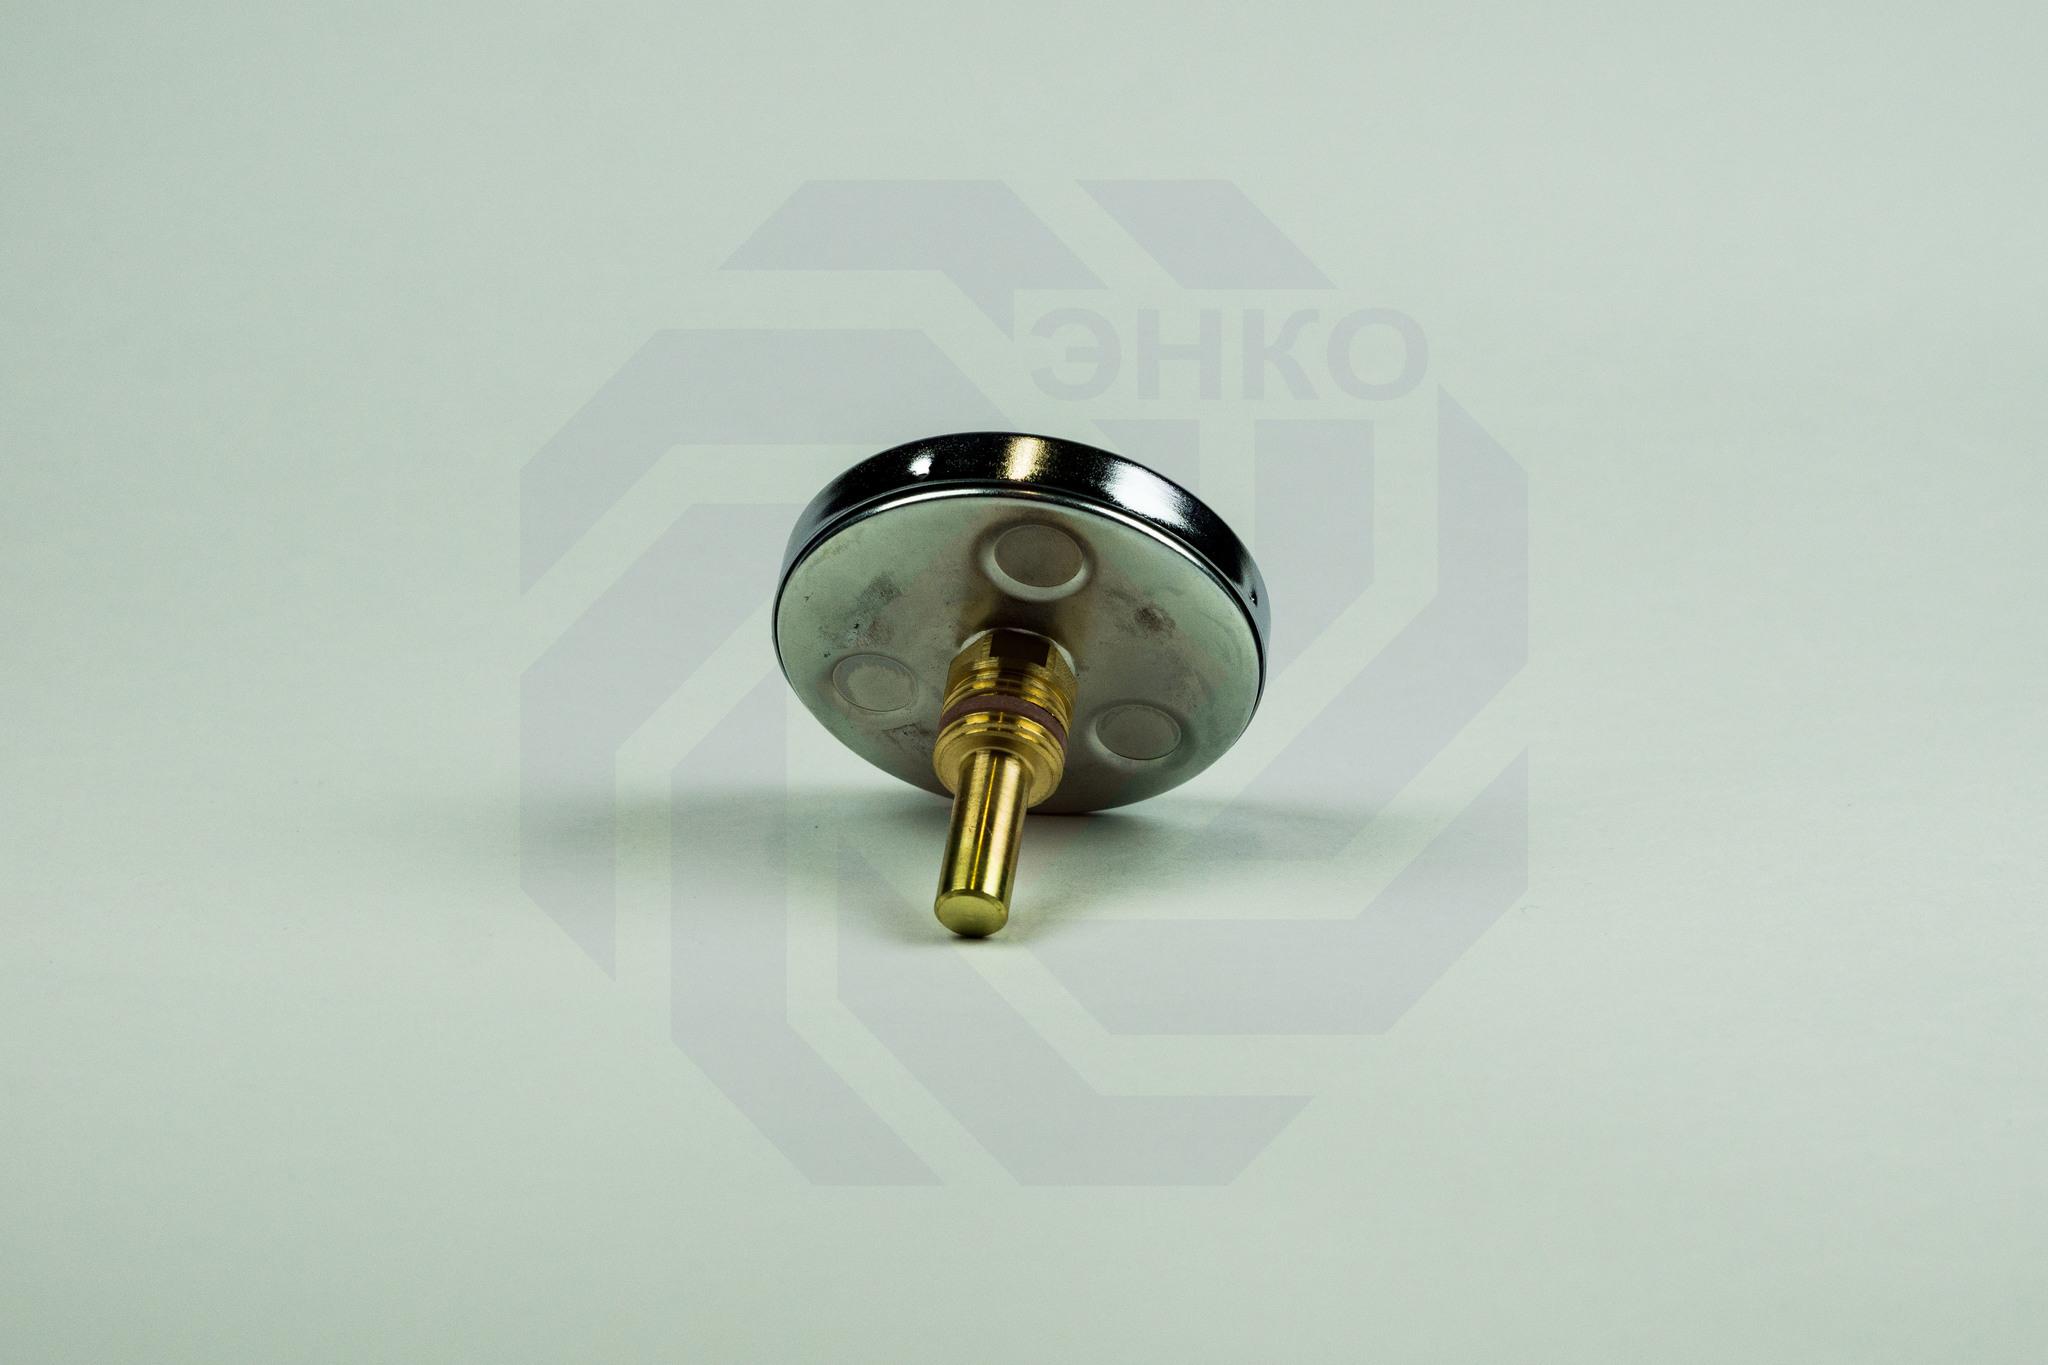 Термометр биметаллический аксиальный WATTS F+R801 SD 0-120 °С 80 мм ½